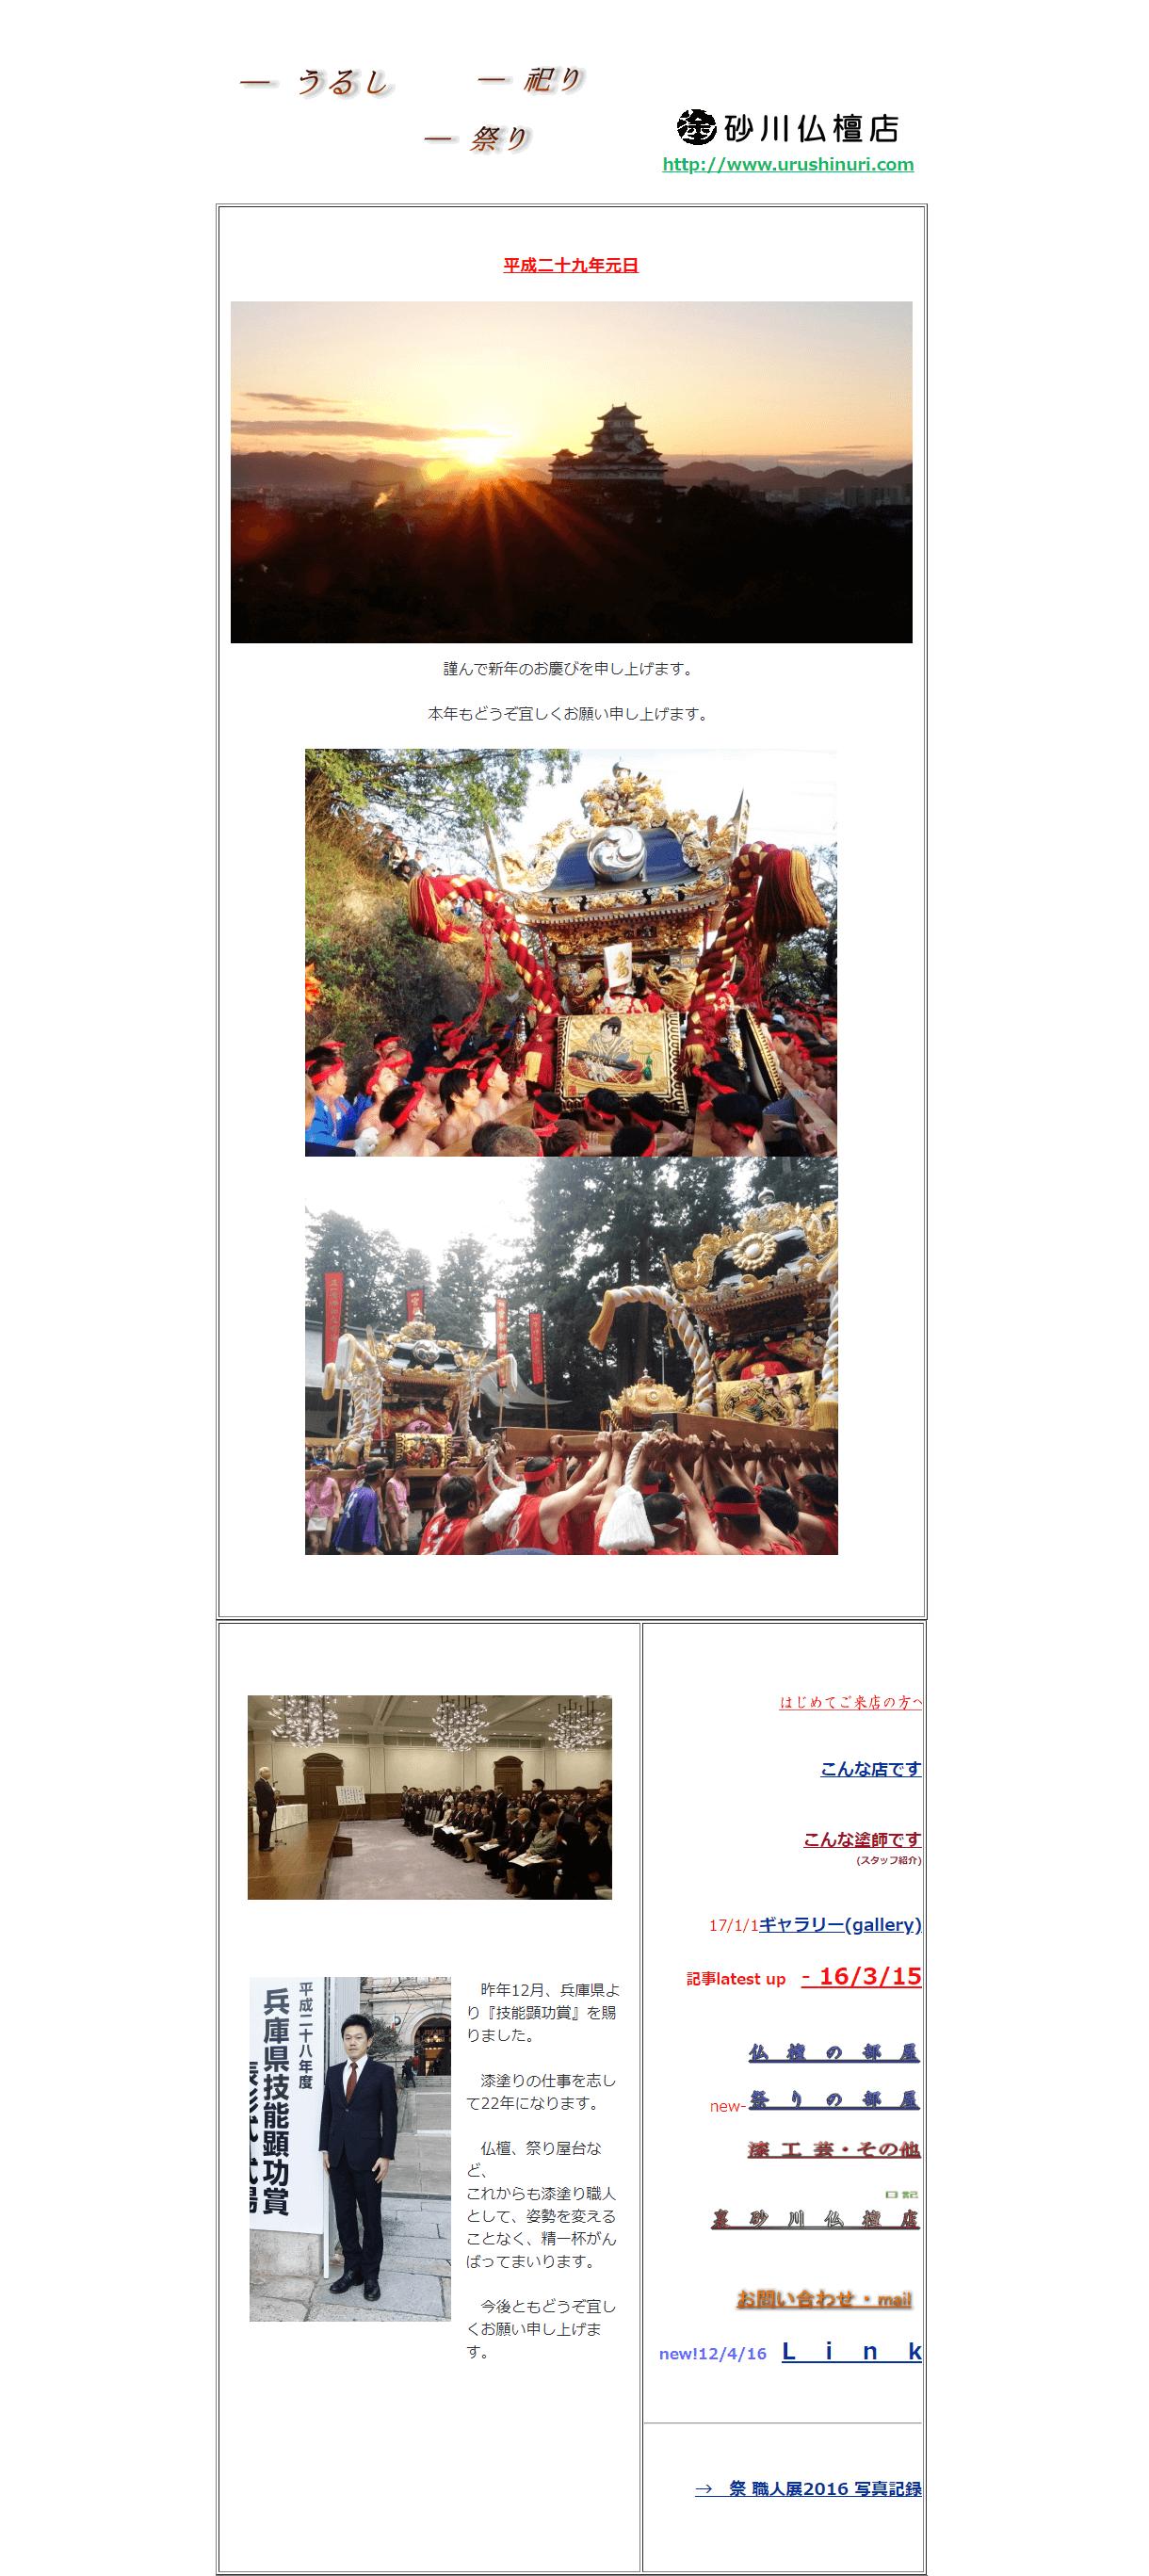 旧サイト:姫路市 砂川漆工芸/砂川仏檀店様 ホームページ制作